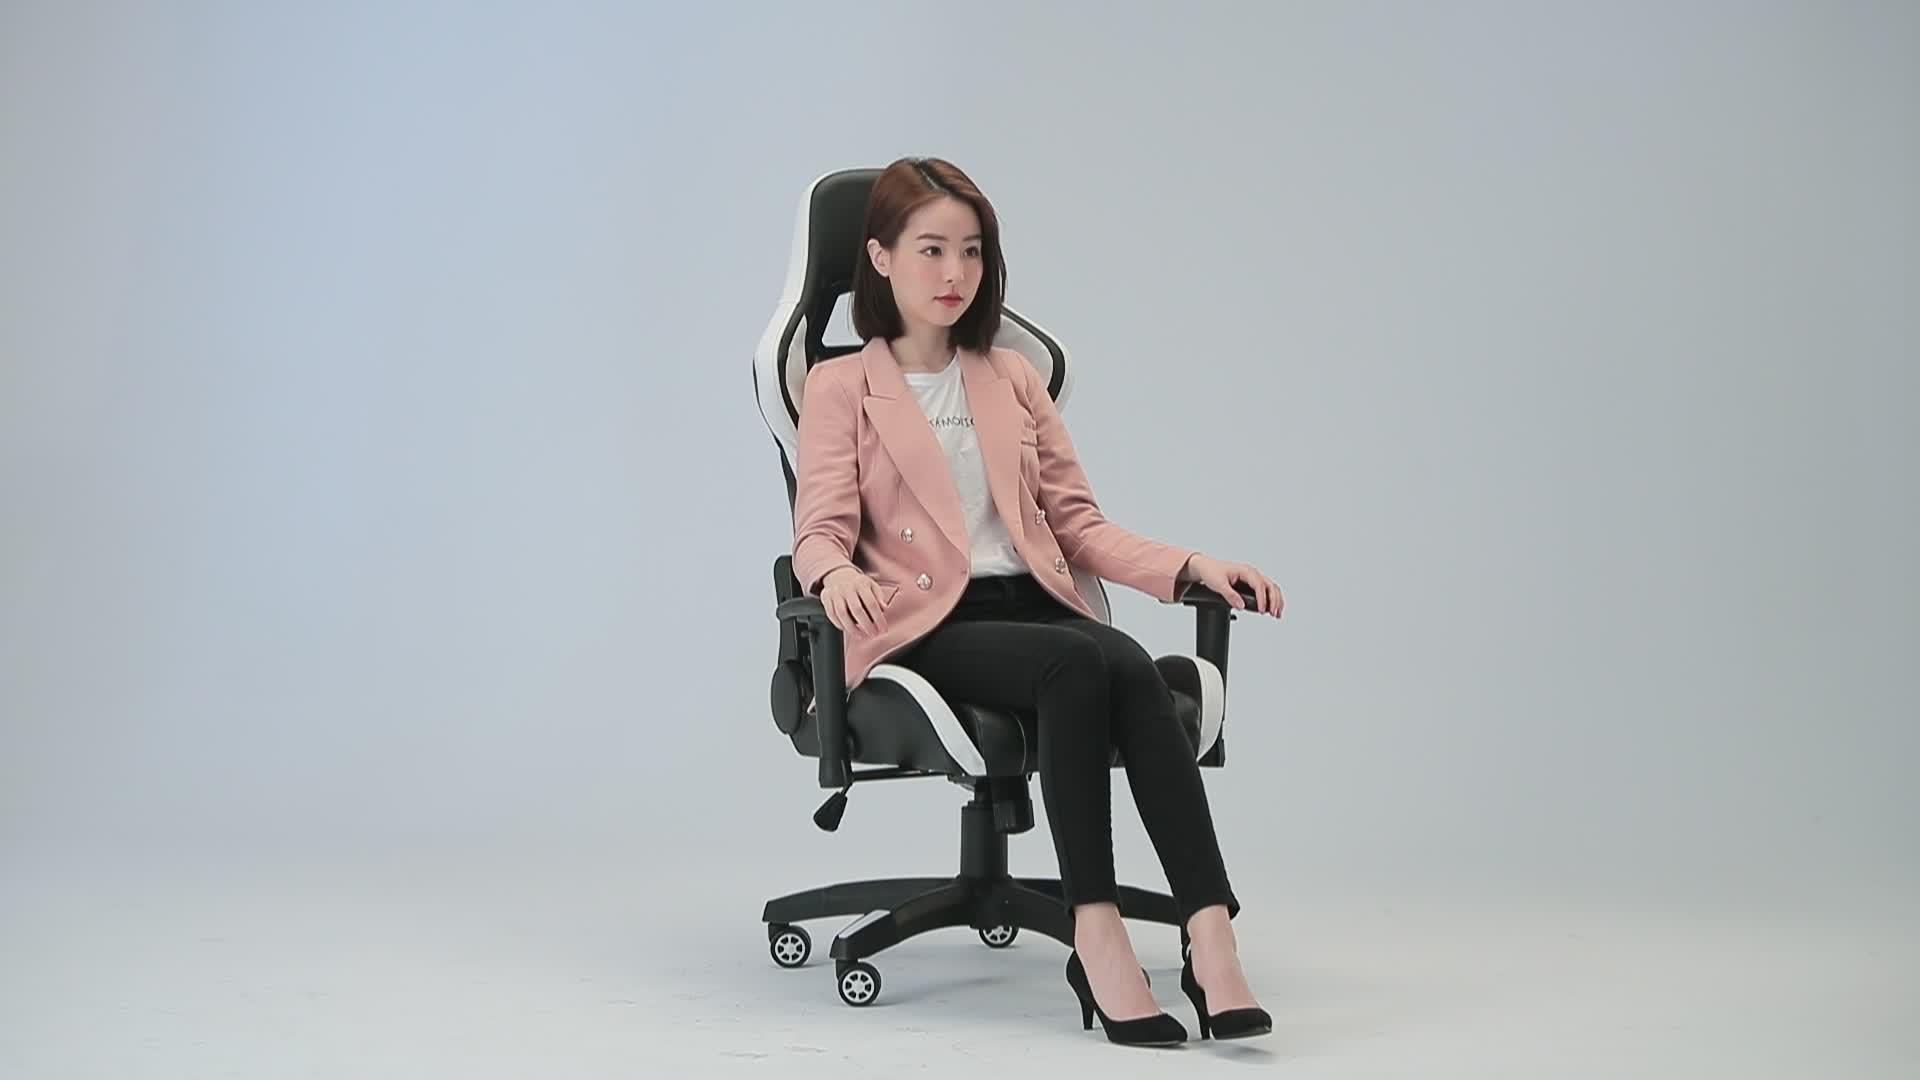 Ergonomique Audio vidéo bureau jeu course chaise jeu chaise course avec haut-parleurs chaise de bureau